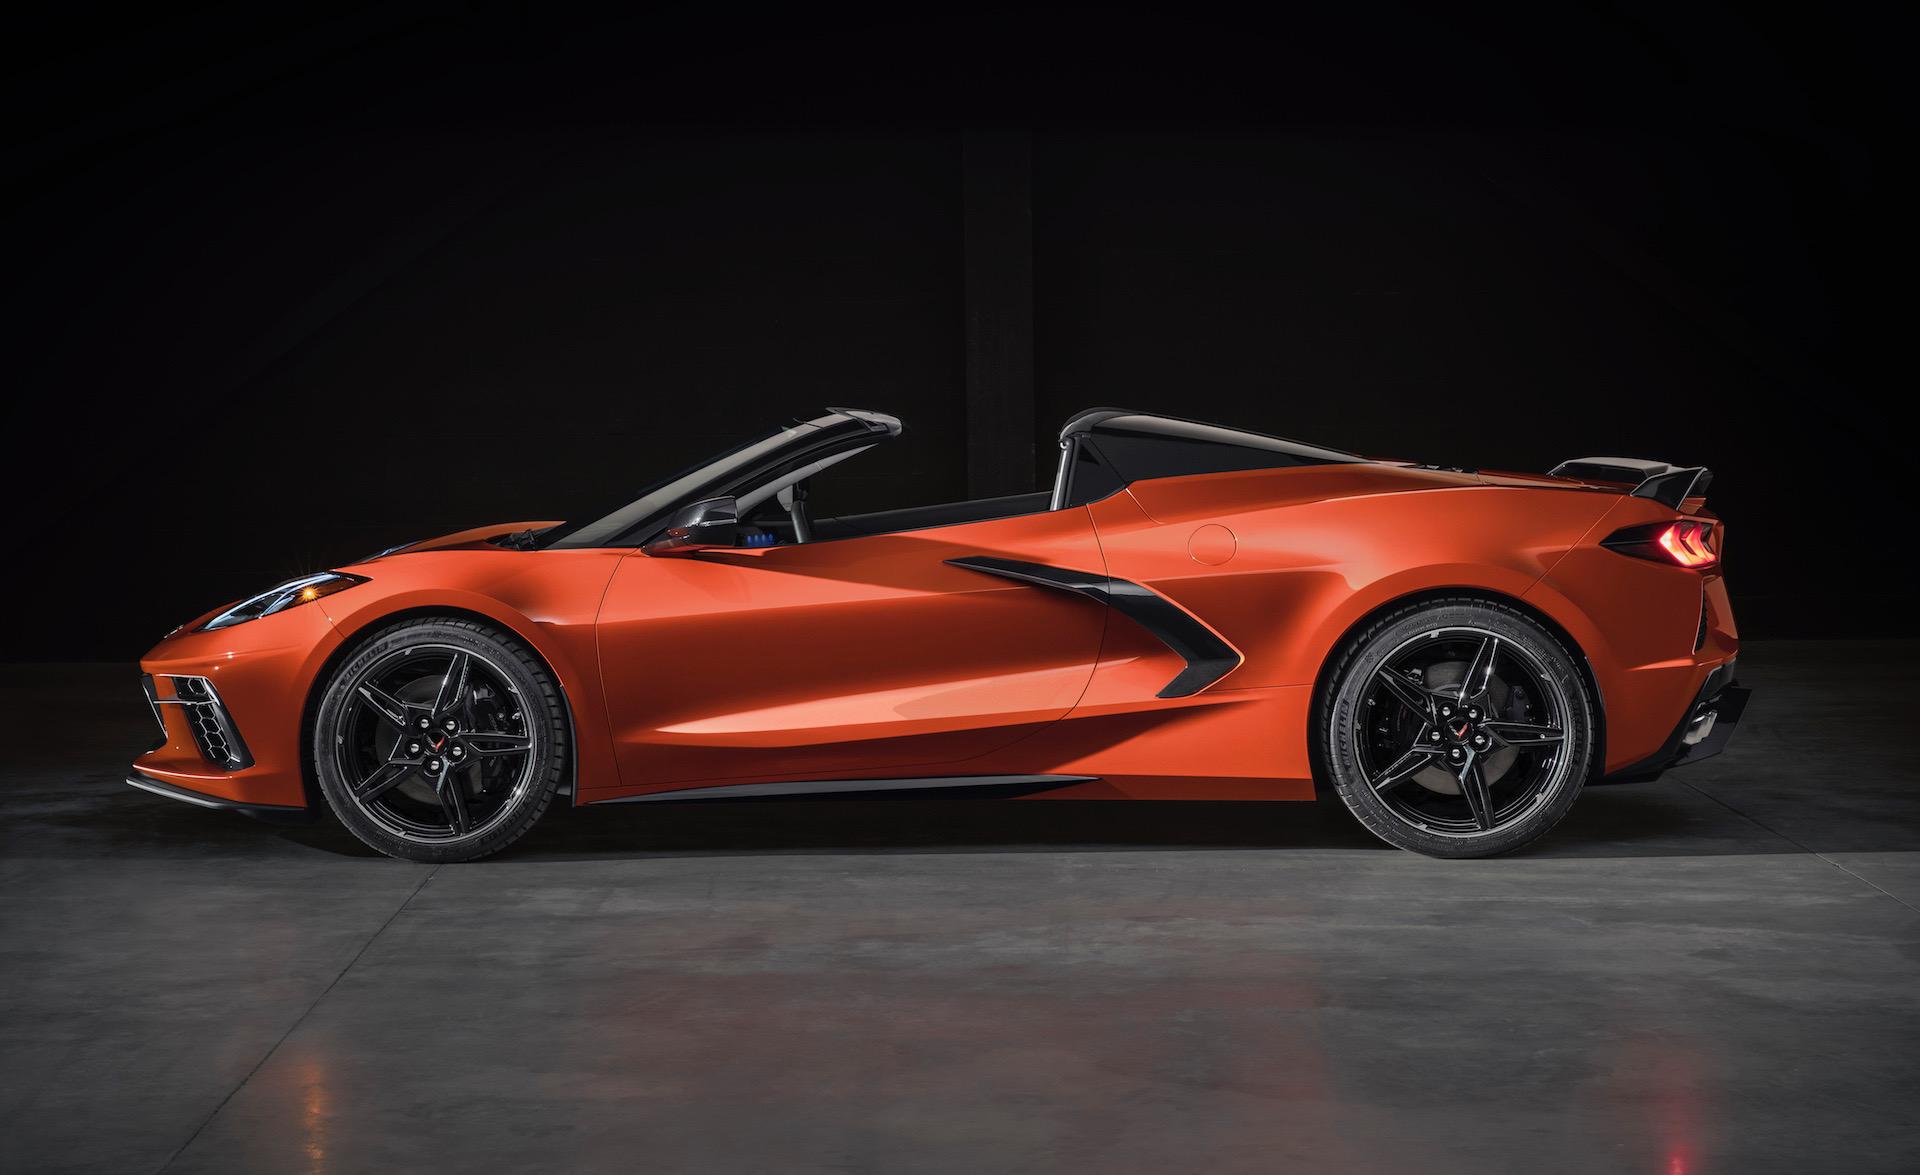 2020 Chevrolet Corvette Stingray Convertible revealed ...